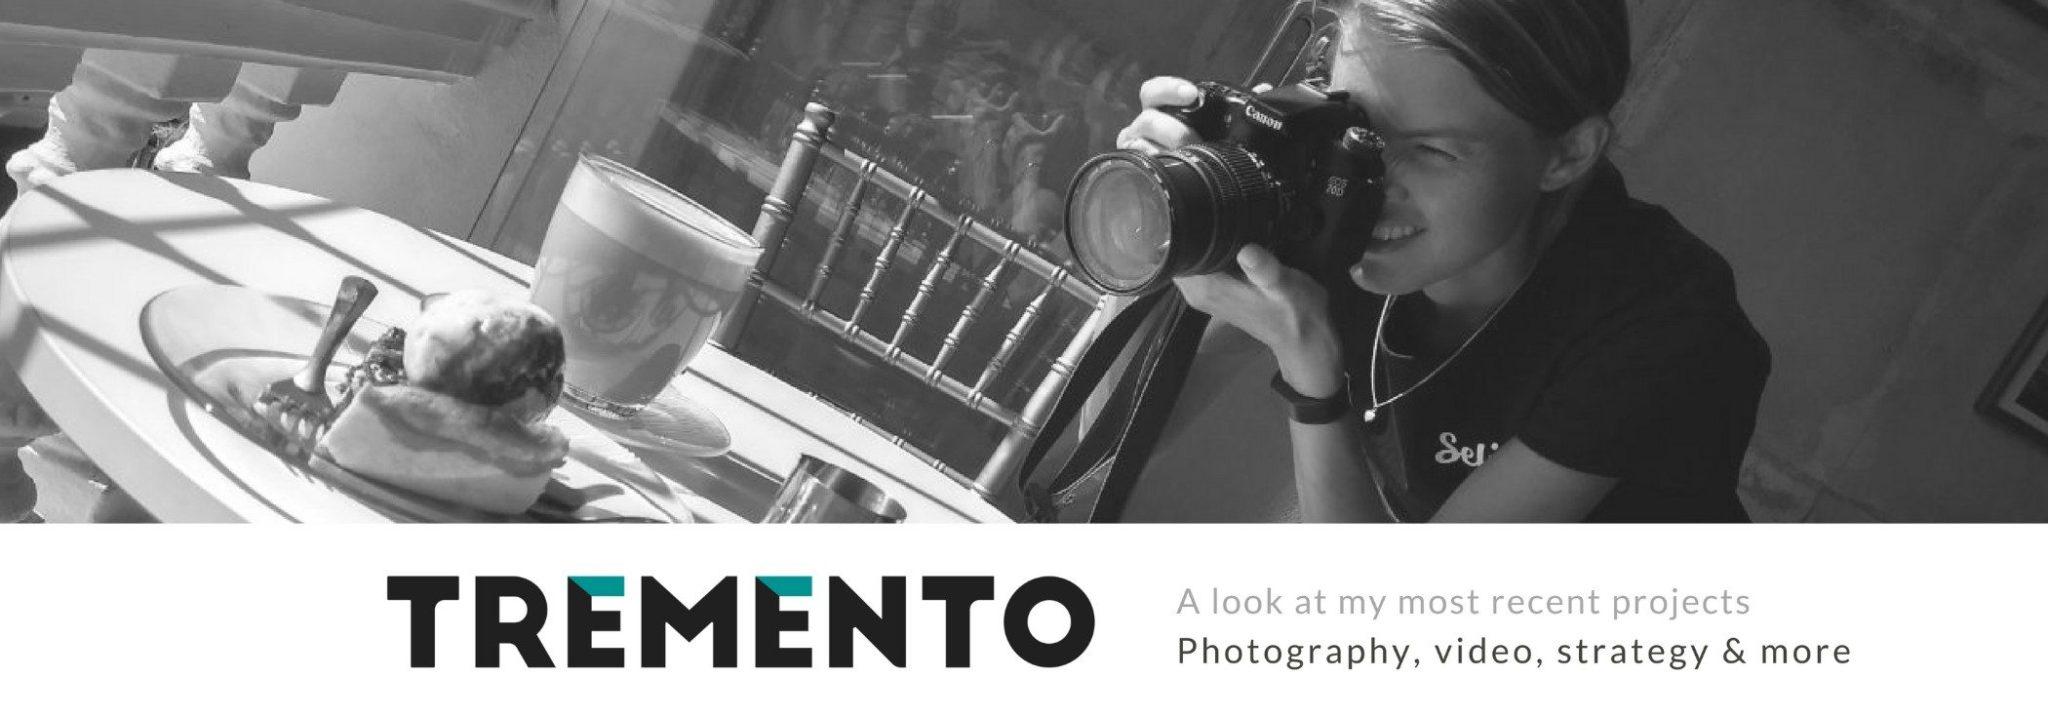 Tremento Portfolio - Hospitality Advertising - Photography